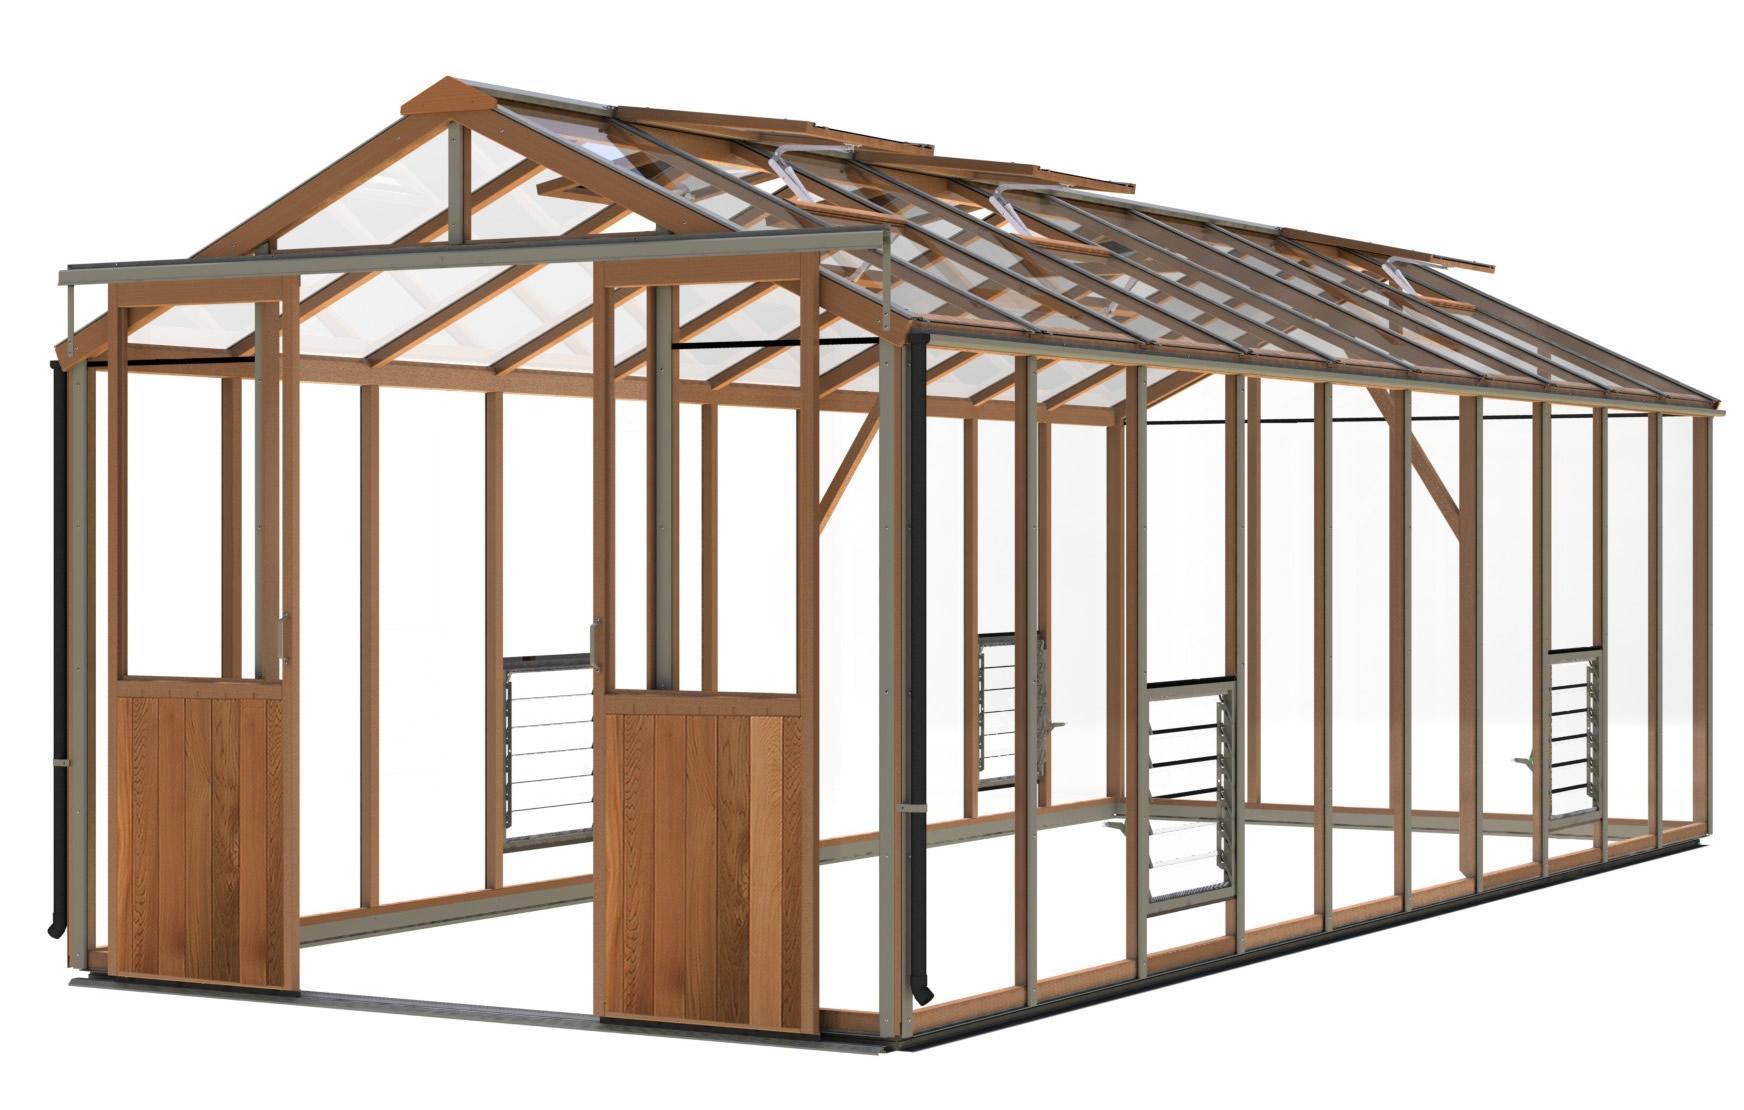 gewächshaus holz evo8 (2617mm x 6386mm) - gewächshaus aus zedernholz